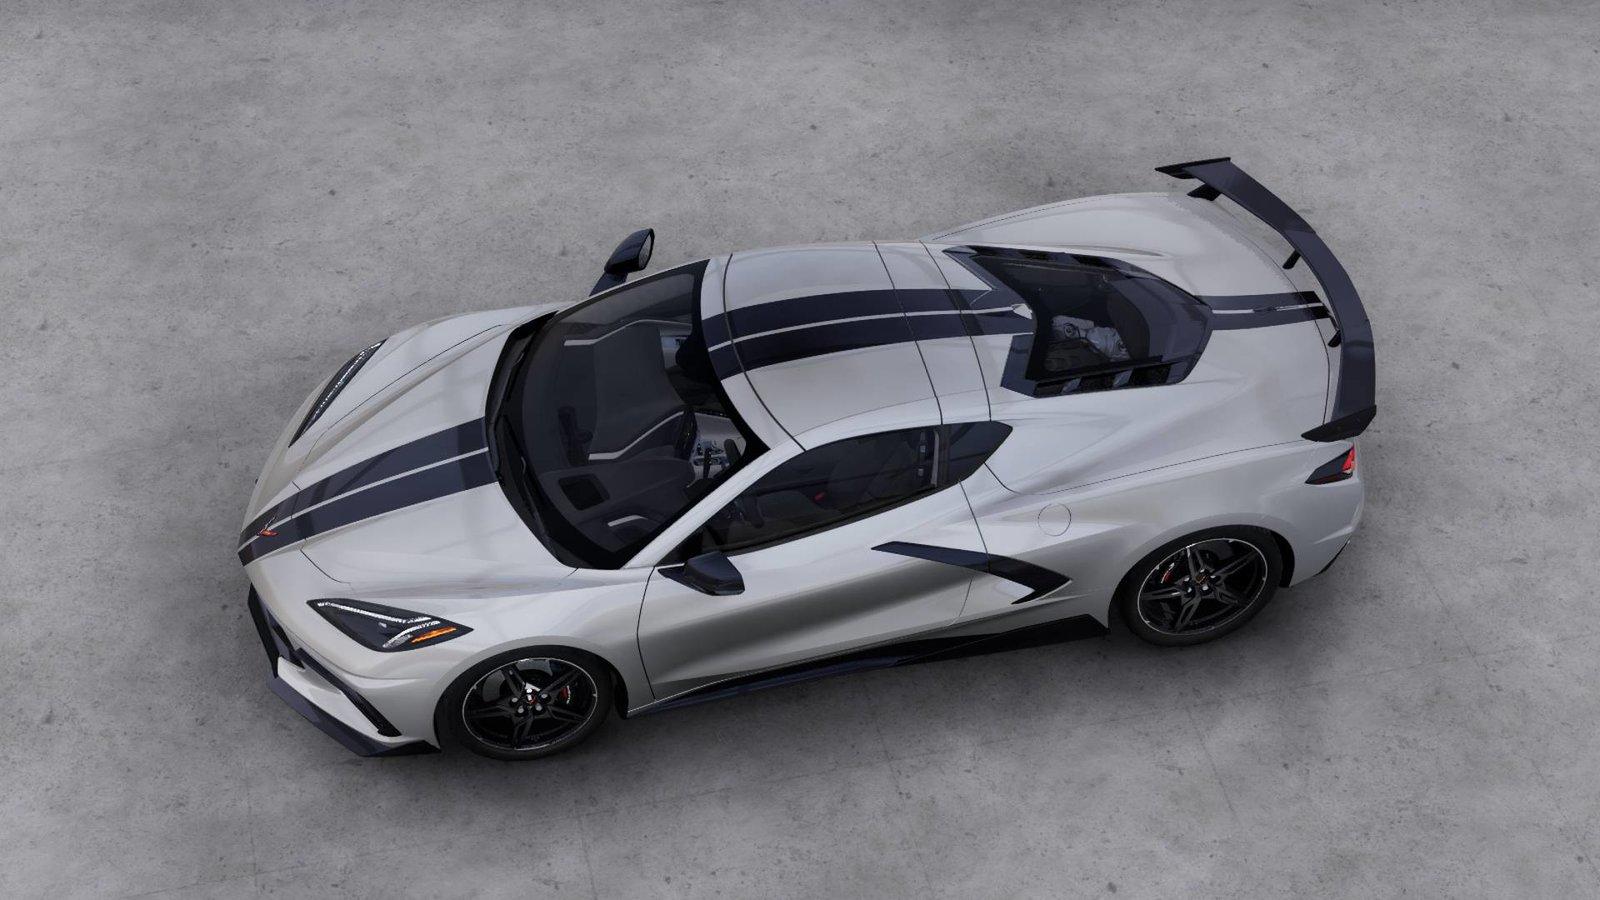 Corvette Stingray 2020.jpg